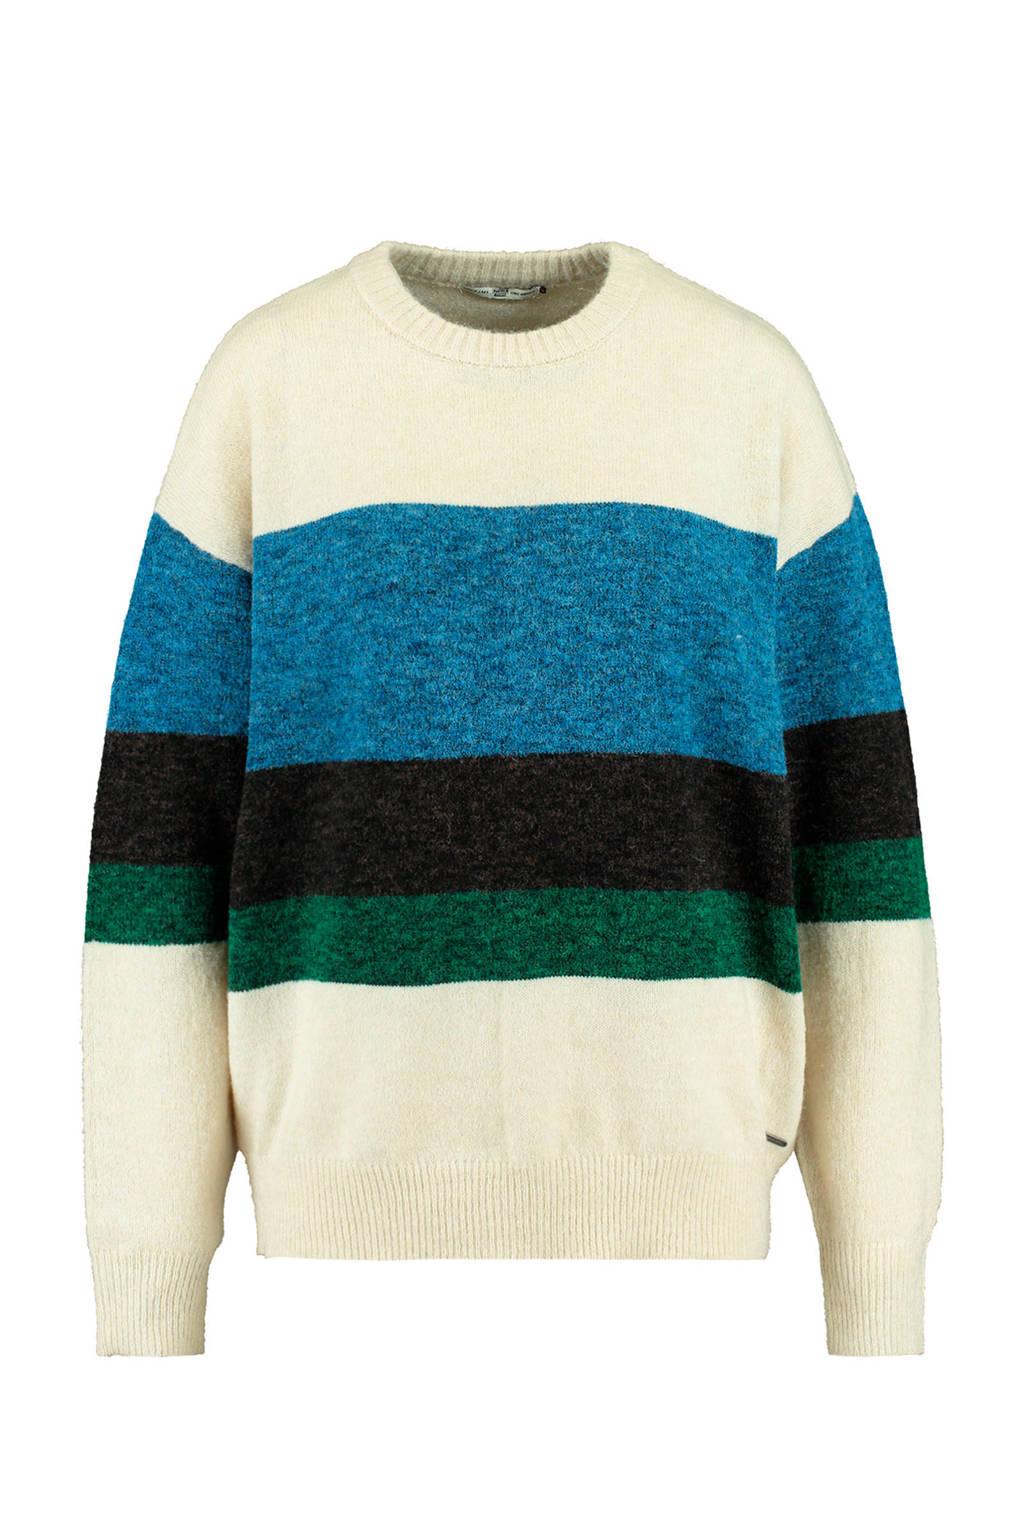 America Today gebreide trui blauw/zwart/groen, Blauw/zwart/groen